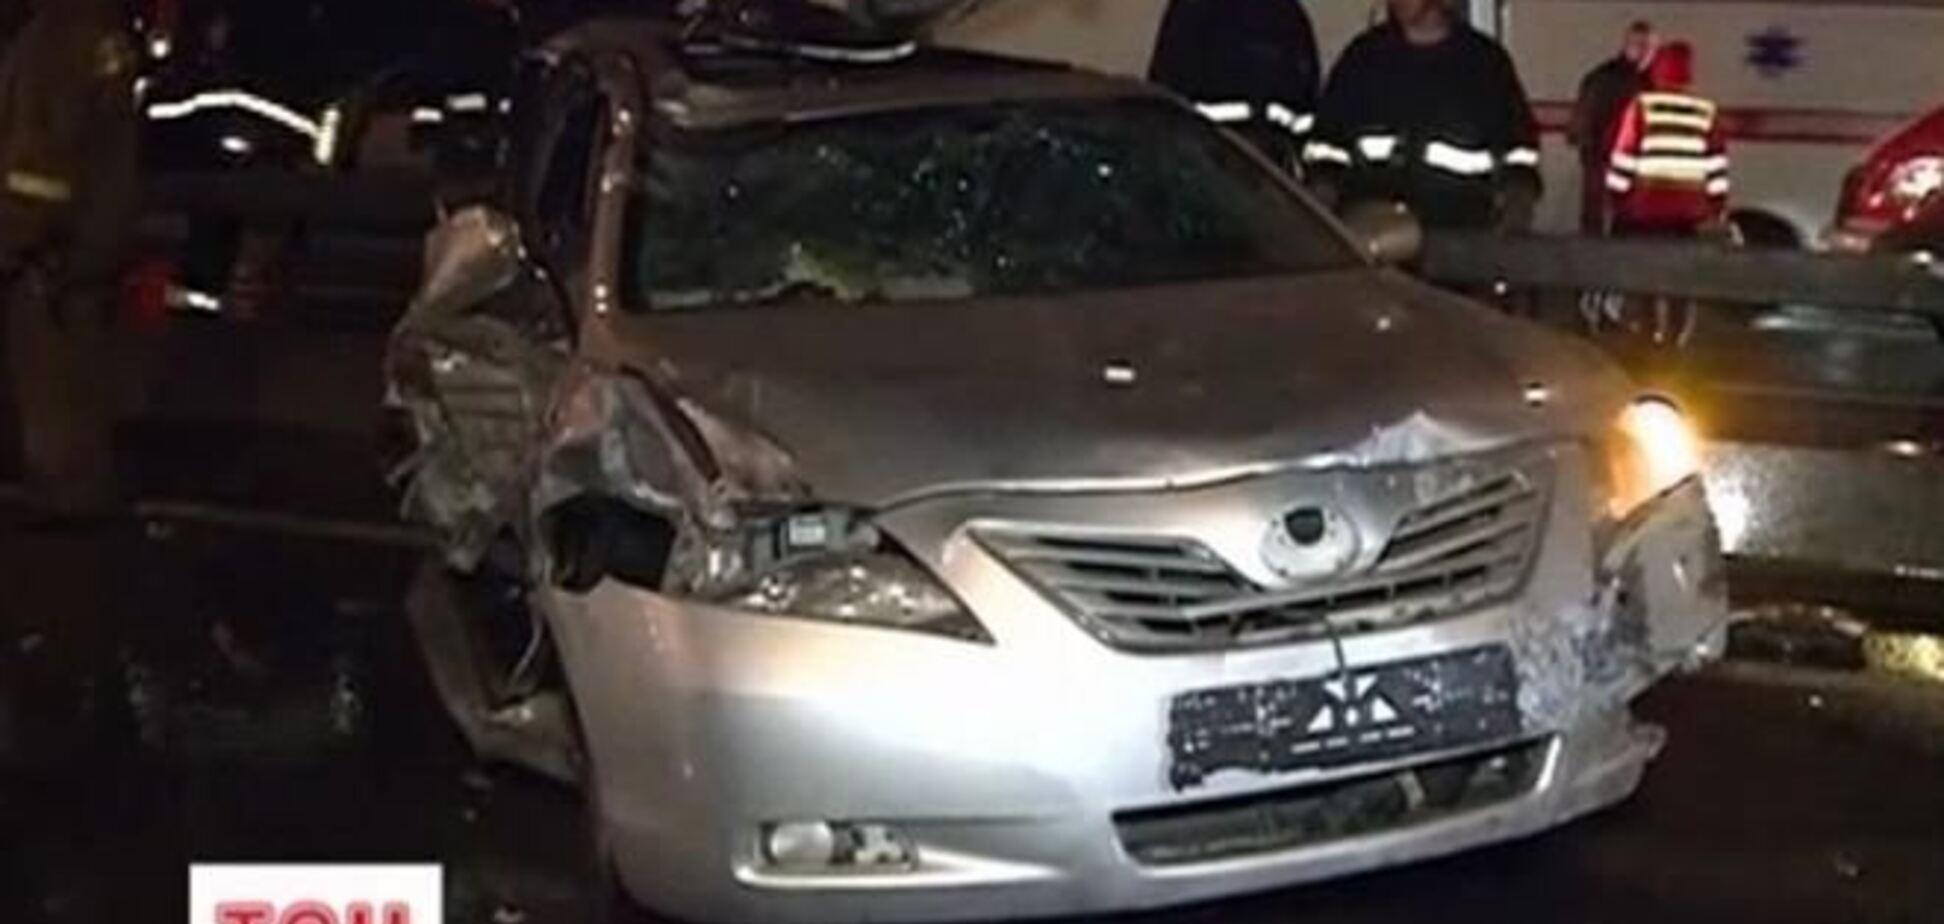 Из-за пьяного водителя в Киеве погибли два человека, травмирован гаишник